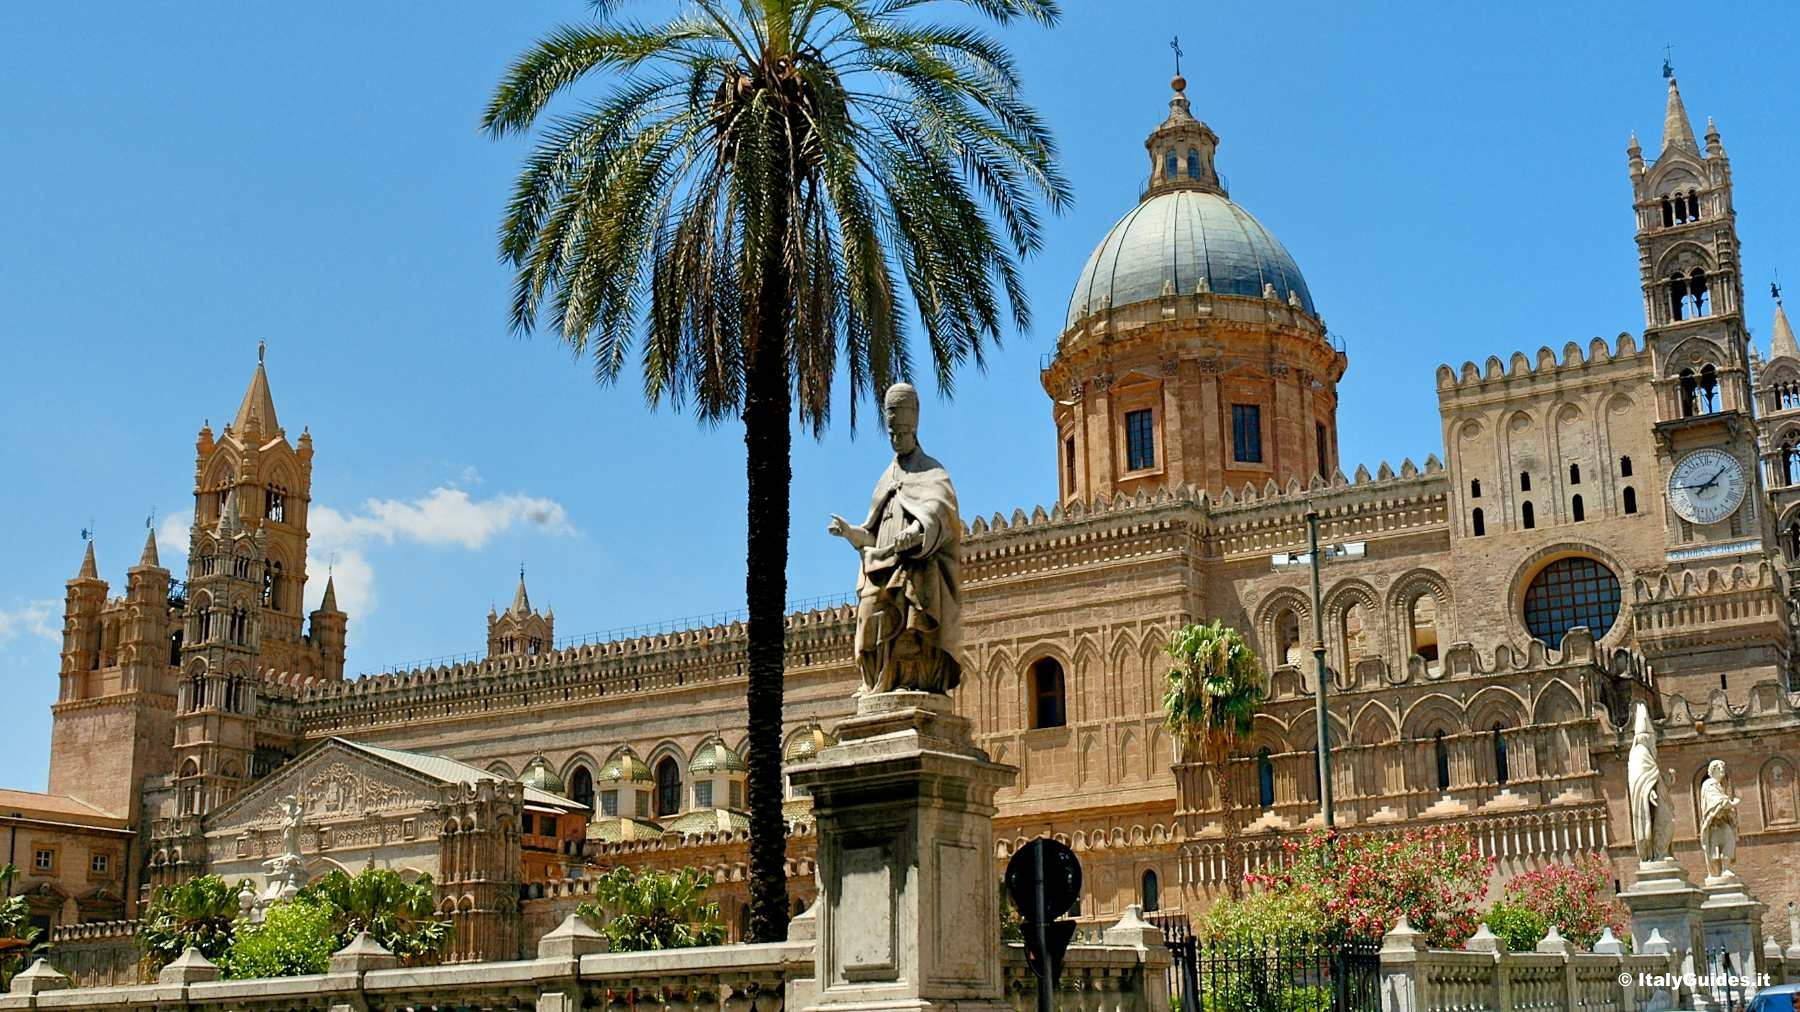 Free Wine Tasting Marchese delle Saline nella Città della Cultura per eccellenza, alla Scillirazzo Enoteca Sicula di Palermo